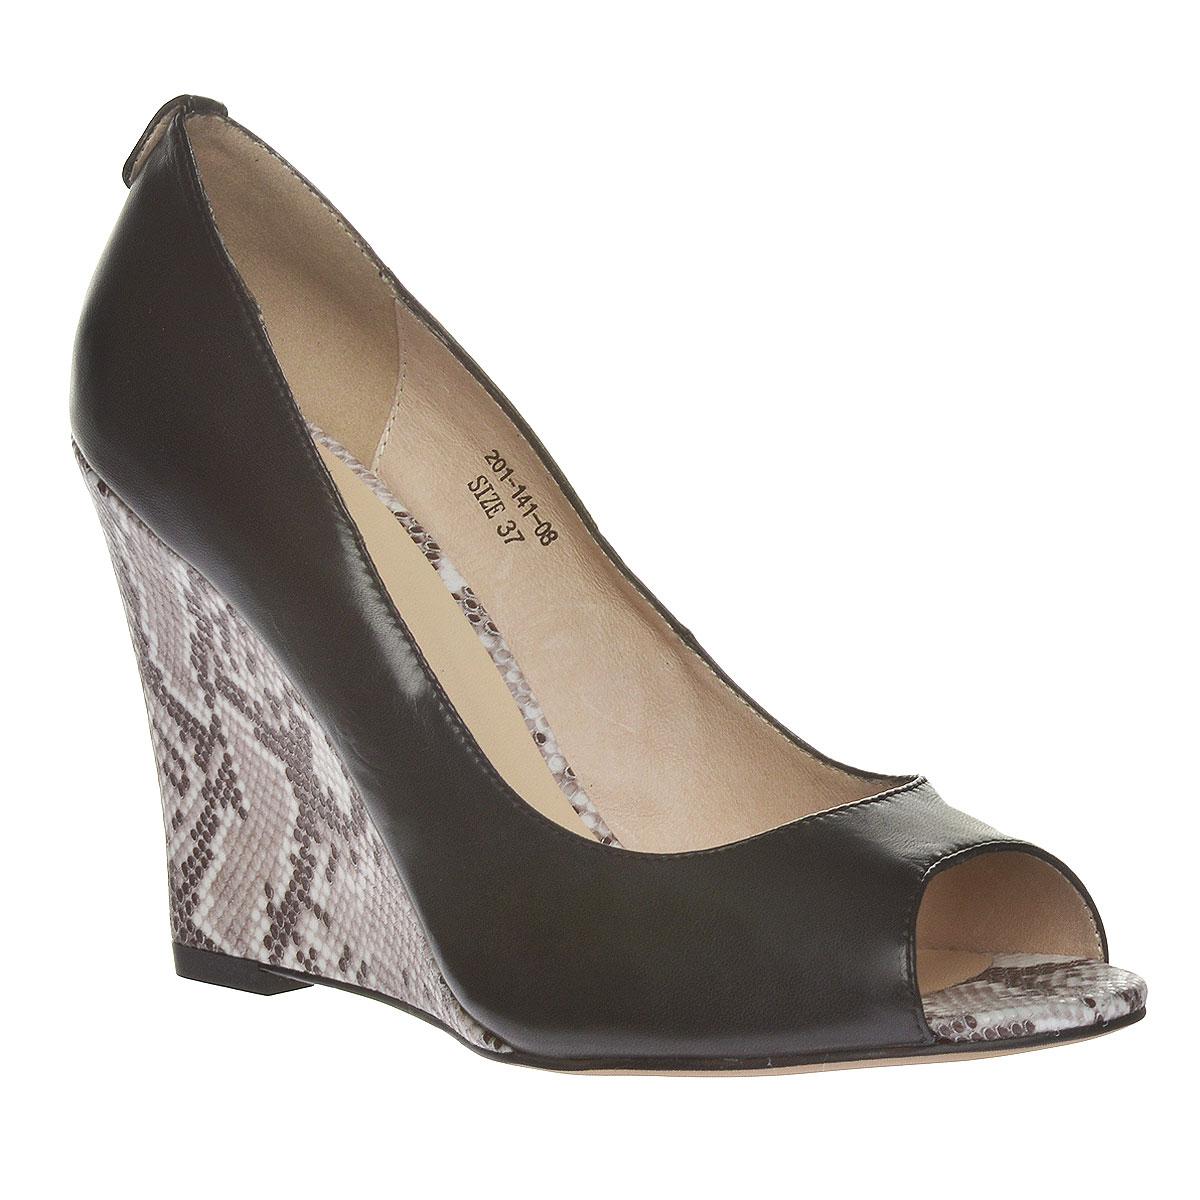 Туфли женские. 201-141-0201-141-08Роскошные туфли от Dino Ricci - незаменимая вещь в гардеробе настоящей модницы. Модель выполнена из высококачественной натуральной кожи. Открытый носок добавляет женственные нотки в образ. Мягкая стелька из натуральной кожи обеспечивает комфорт и удобство при ходьбе. Высокая танкетка оформлена узором, имитирующим змеиную чешую. Рифленая поверхность подошвы защищает изделие от скольжения. Трендовые туфли помогут вам создать яркий, запоминающийся образ.